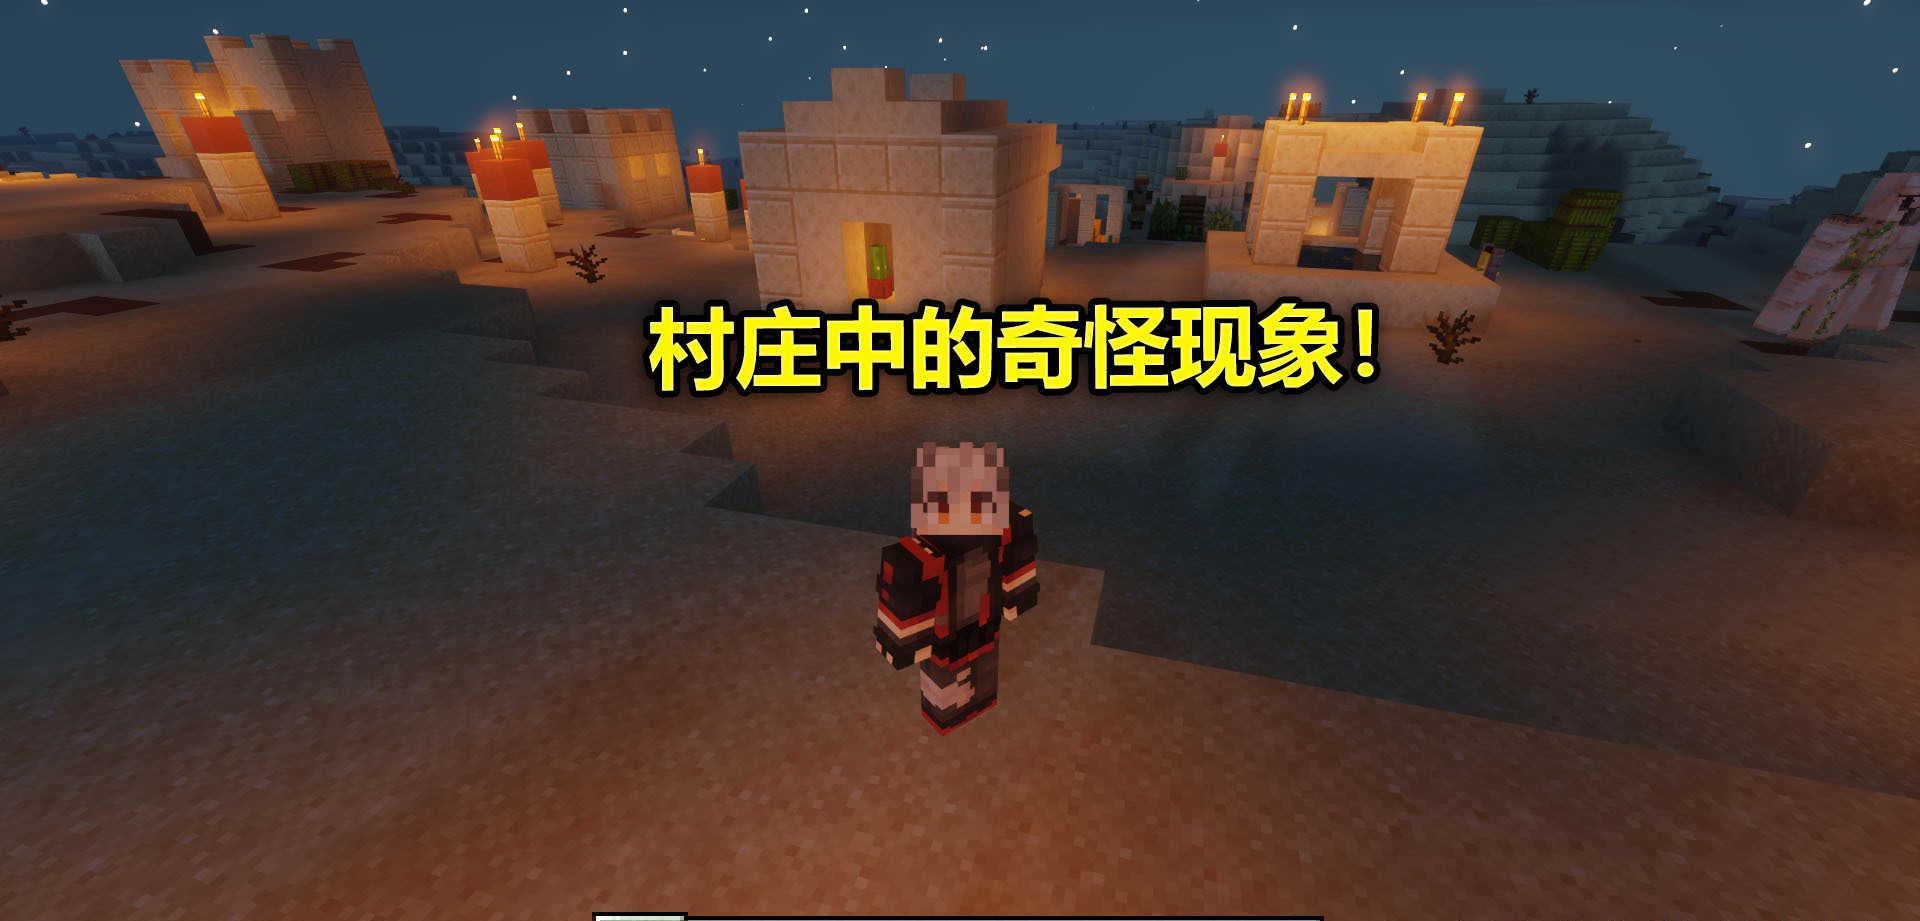 我的世界:村民的烟囱没有眼,房屋空着非要挤一块,看完脑瓜疼!